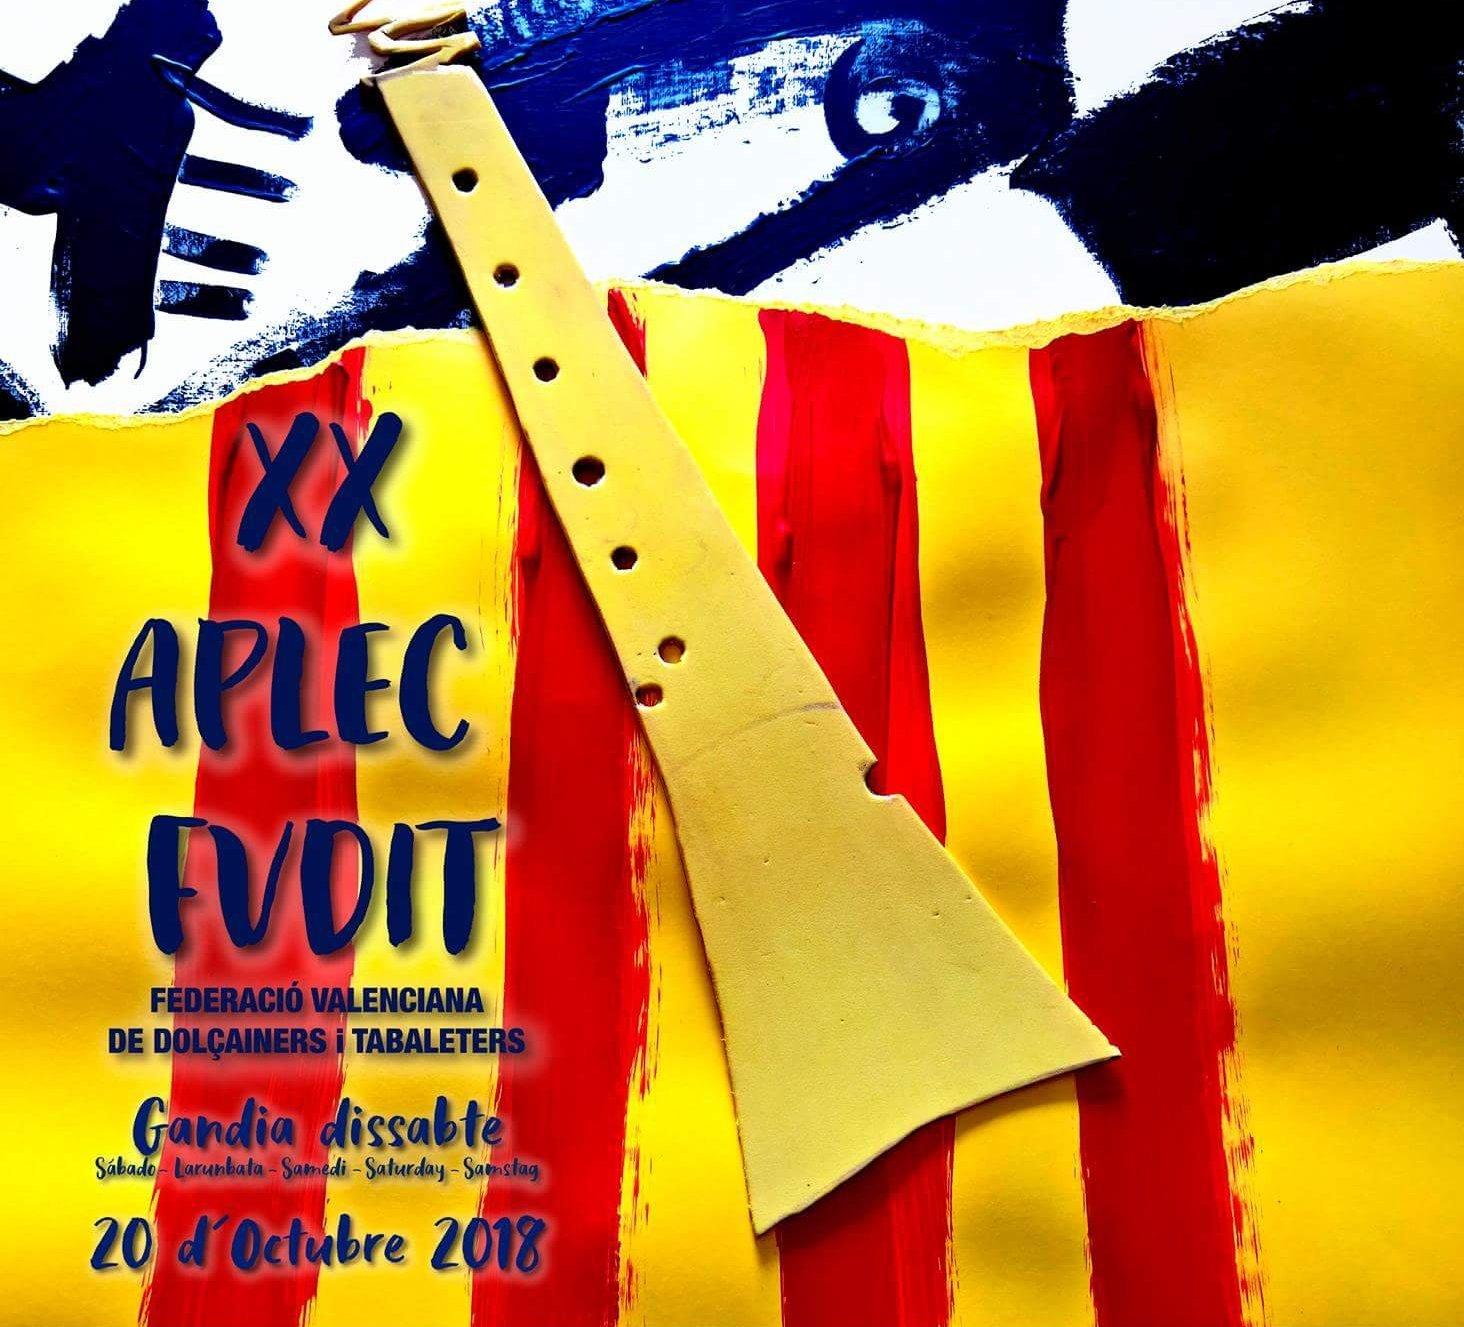 XX Aplec de la Federació Valenciana de Dolçainers i Tabaleters a Gandia